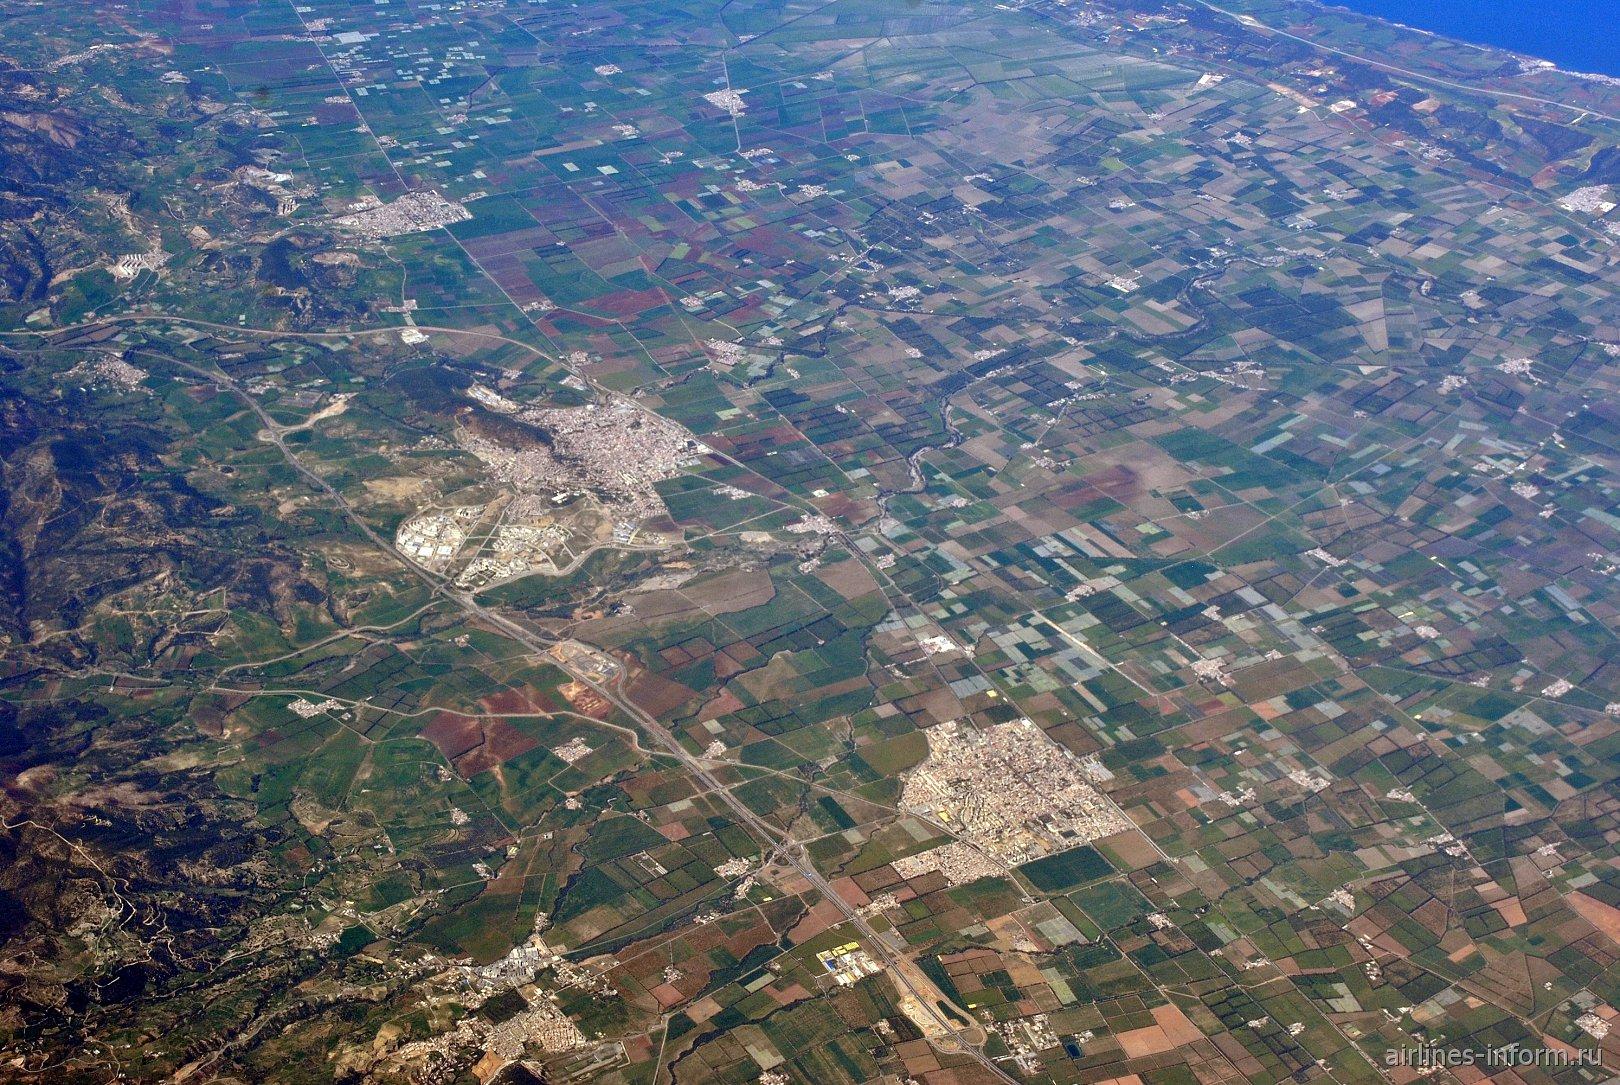 Населённый пункт Эль Аффрун в Алжире